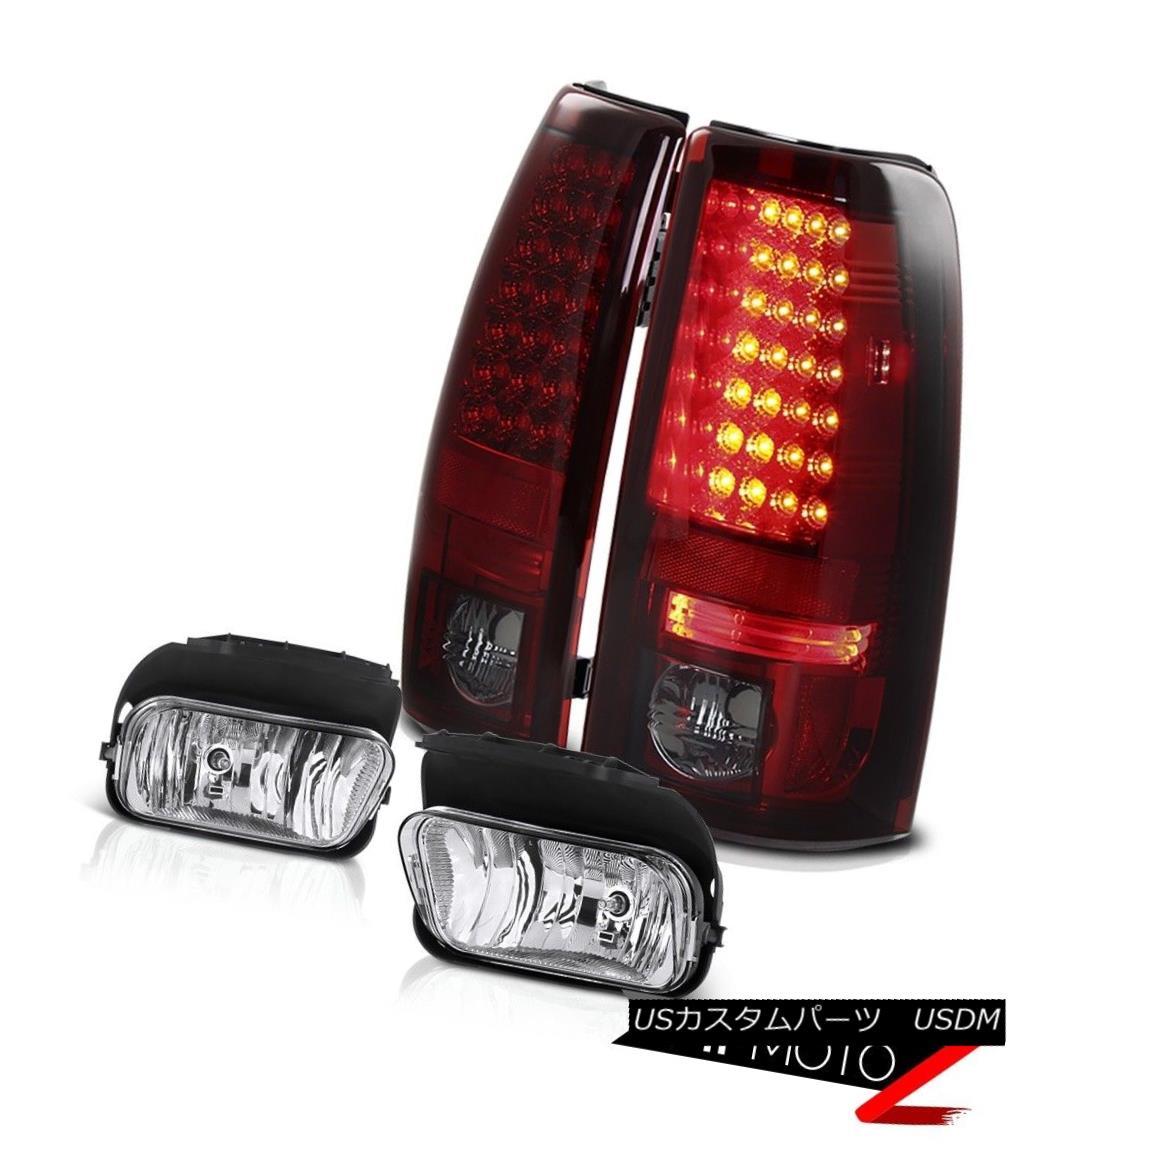 テールライト Bright Cherry Red L.E.D Tail Light Driving Chrome Fog Lights 03-06 Silverado LTZ 明るいチェリーレッドL.E.Dテールライトドライビングクロムフォグライト03-06 Silverado LTZ